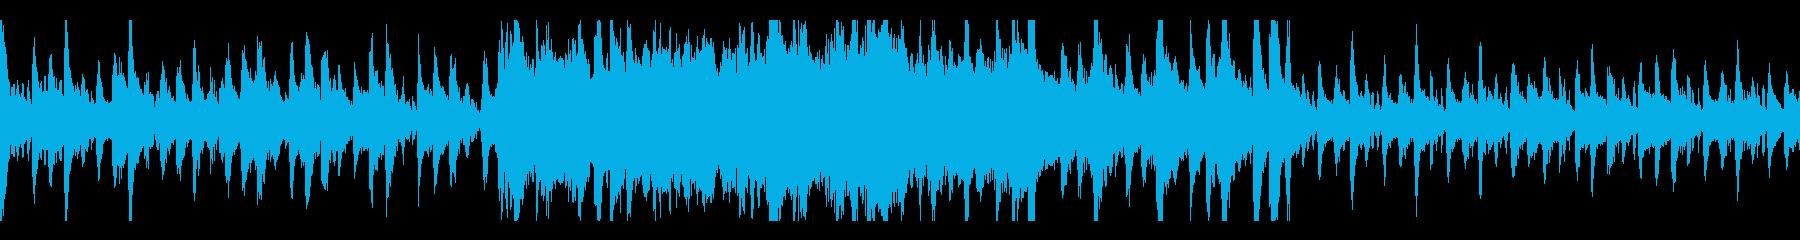 勇猛で壮大な行進曲(ループ対応)の再生済みの波形